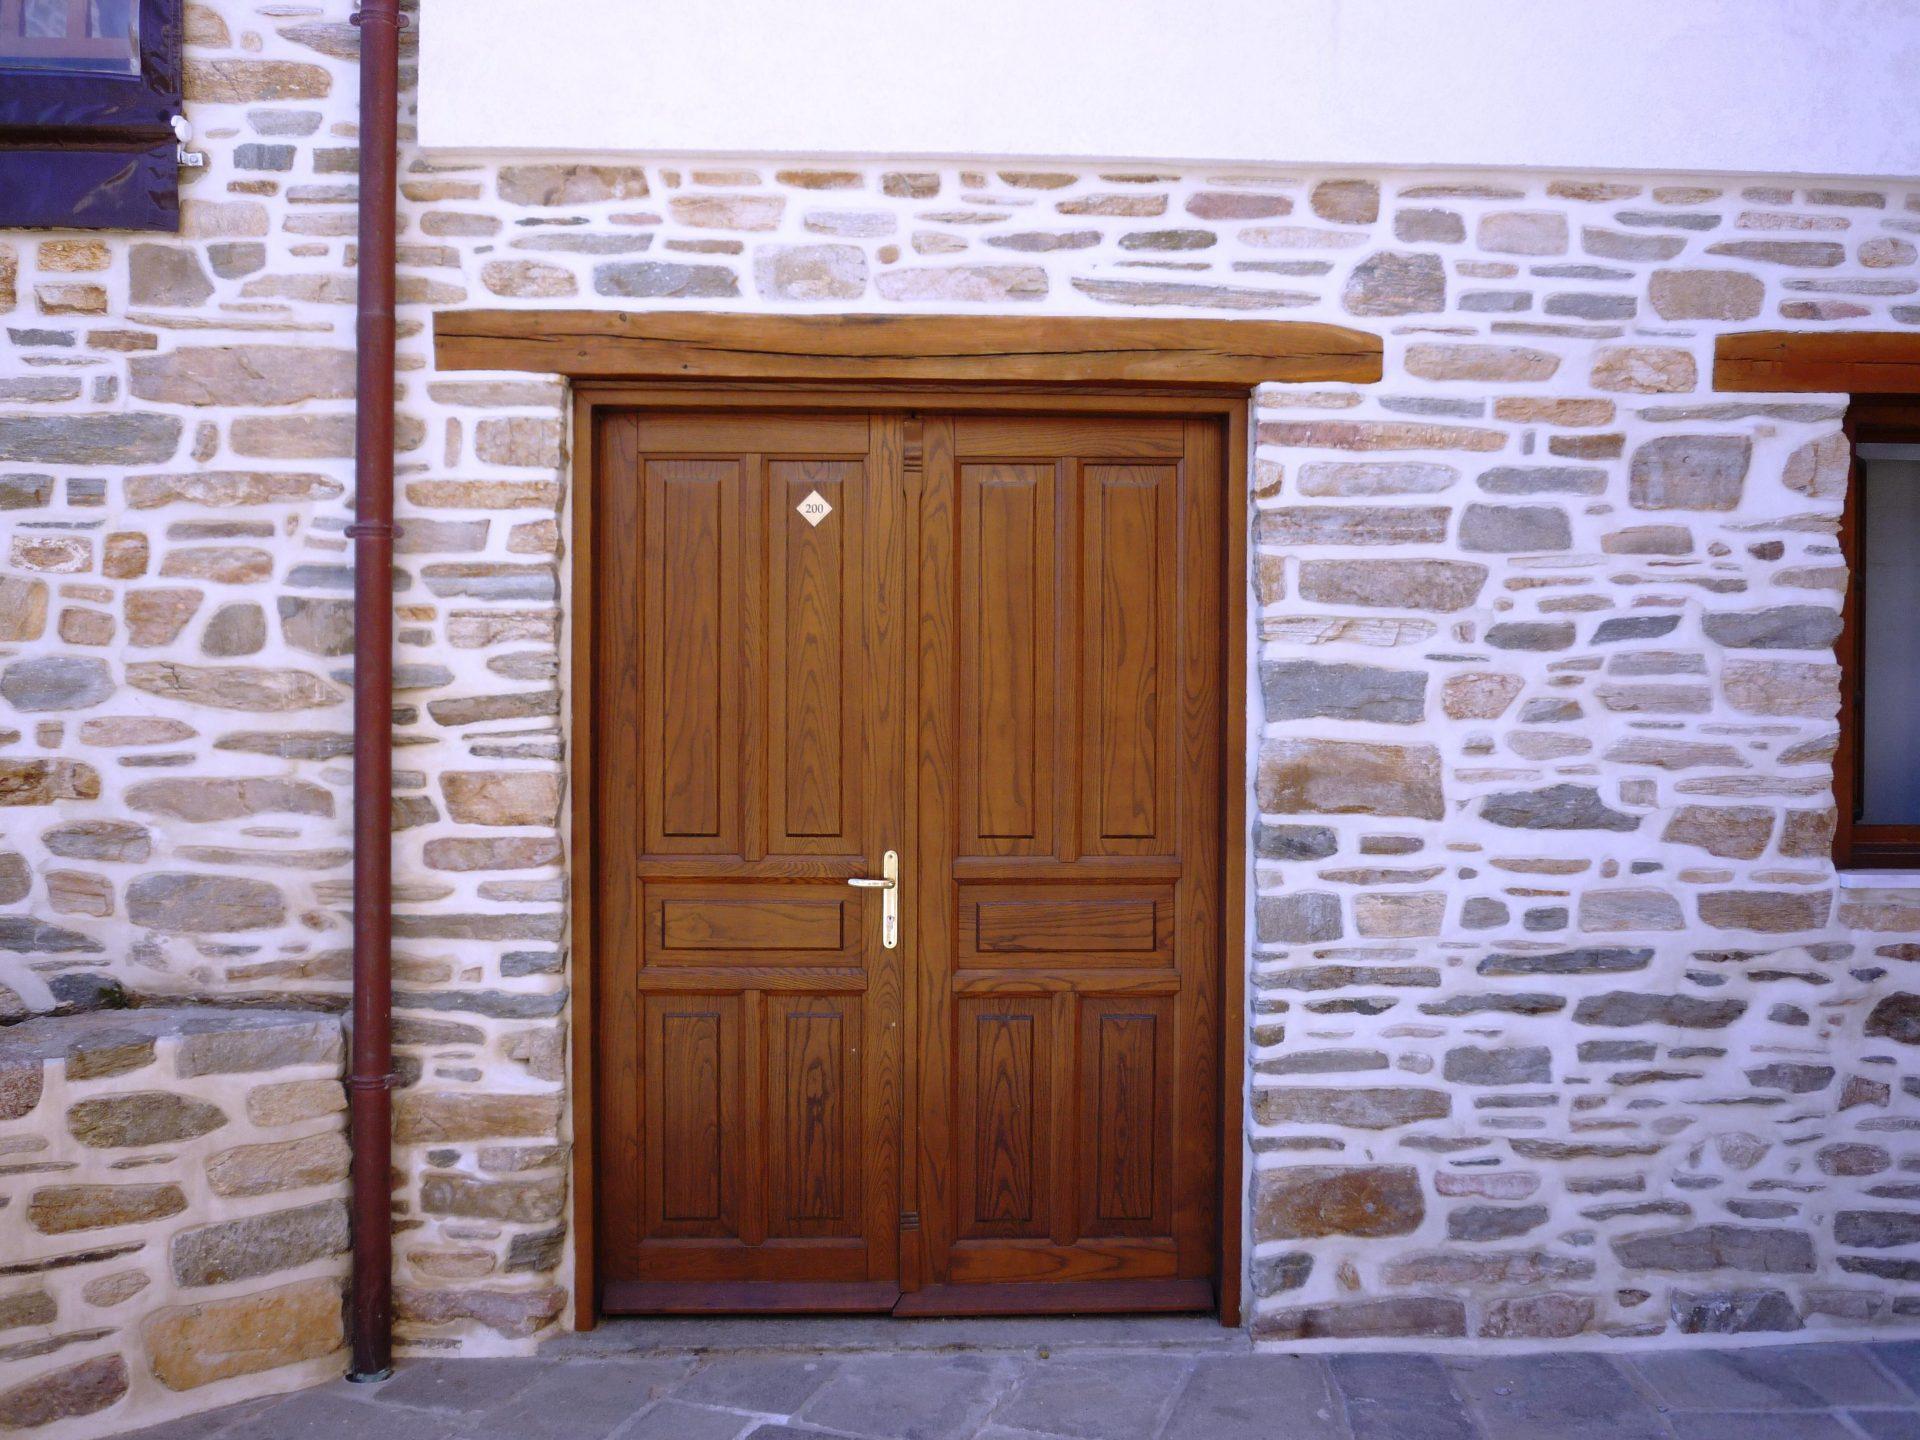 Δίφυλλη ξύλινη πόρτα με ταμπλάδες